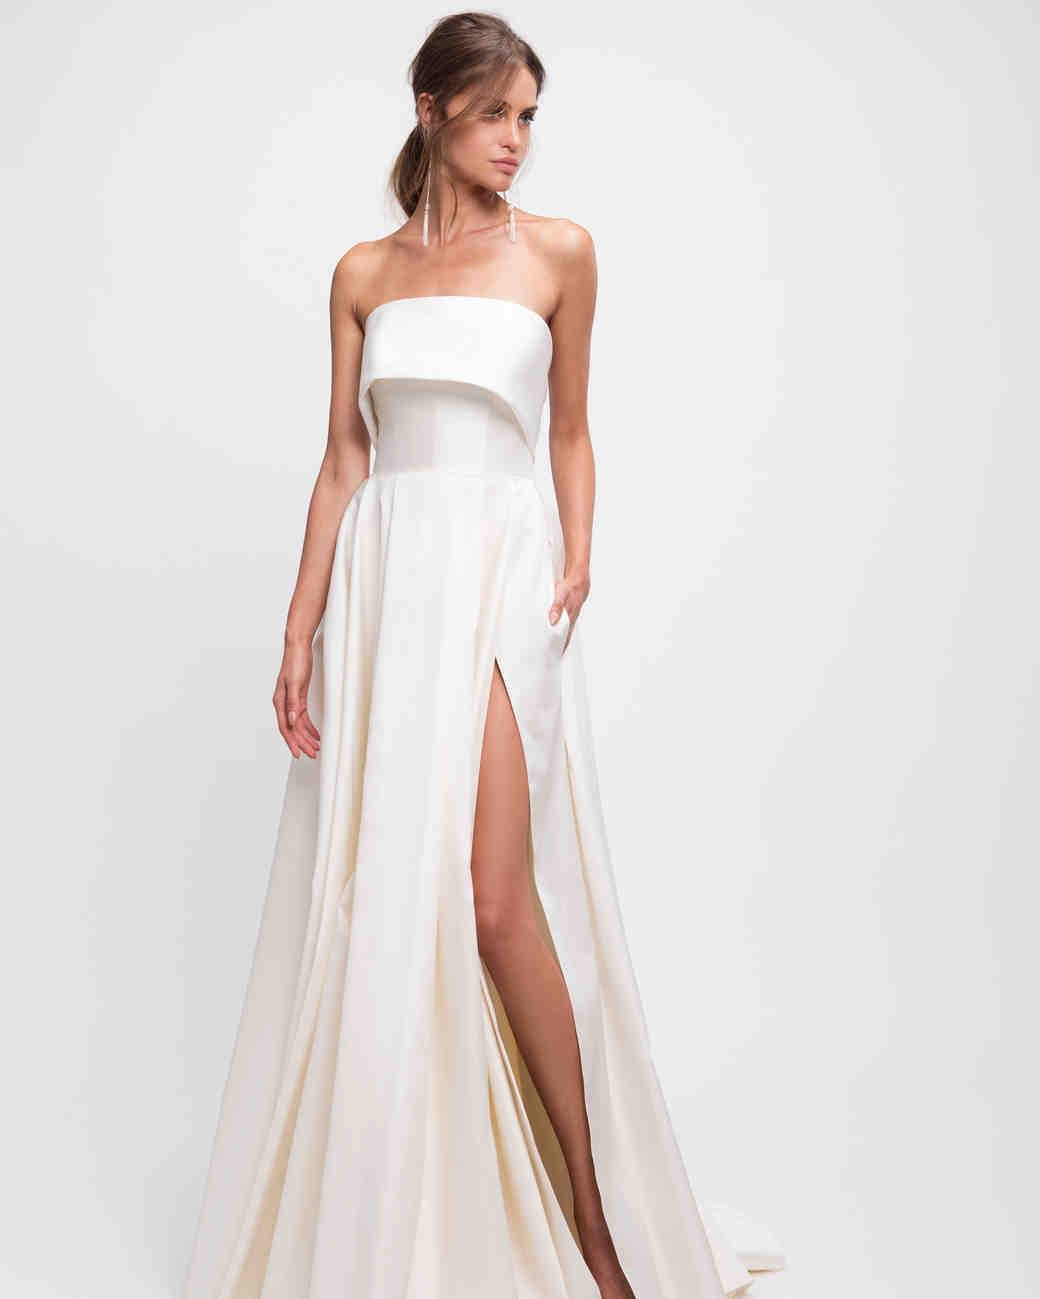 Lihi Hod Fall 2019 Wedding Dress Collection Martha Stewart Weddings